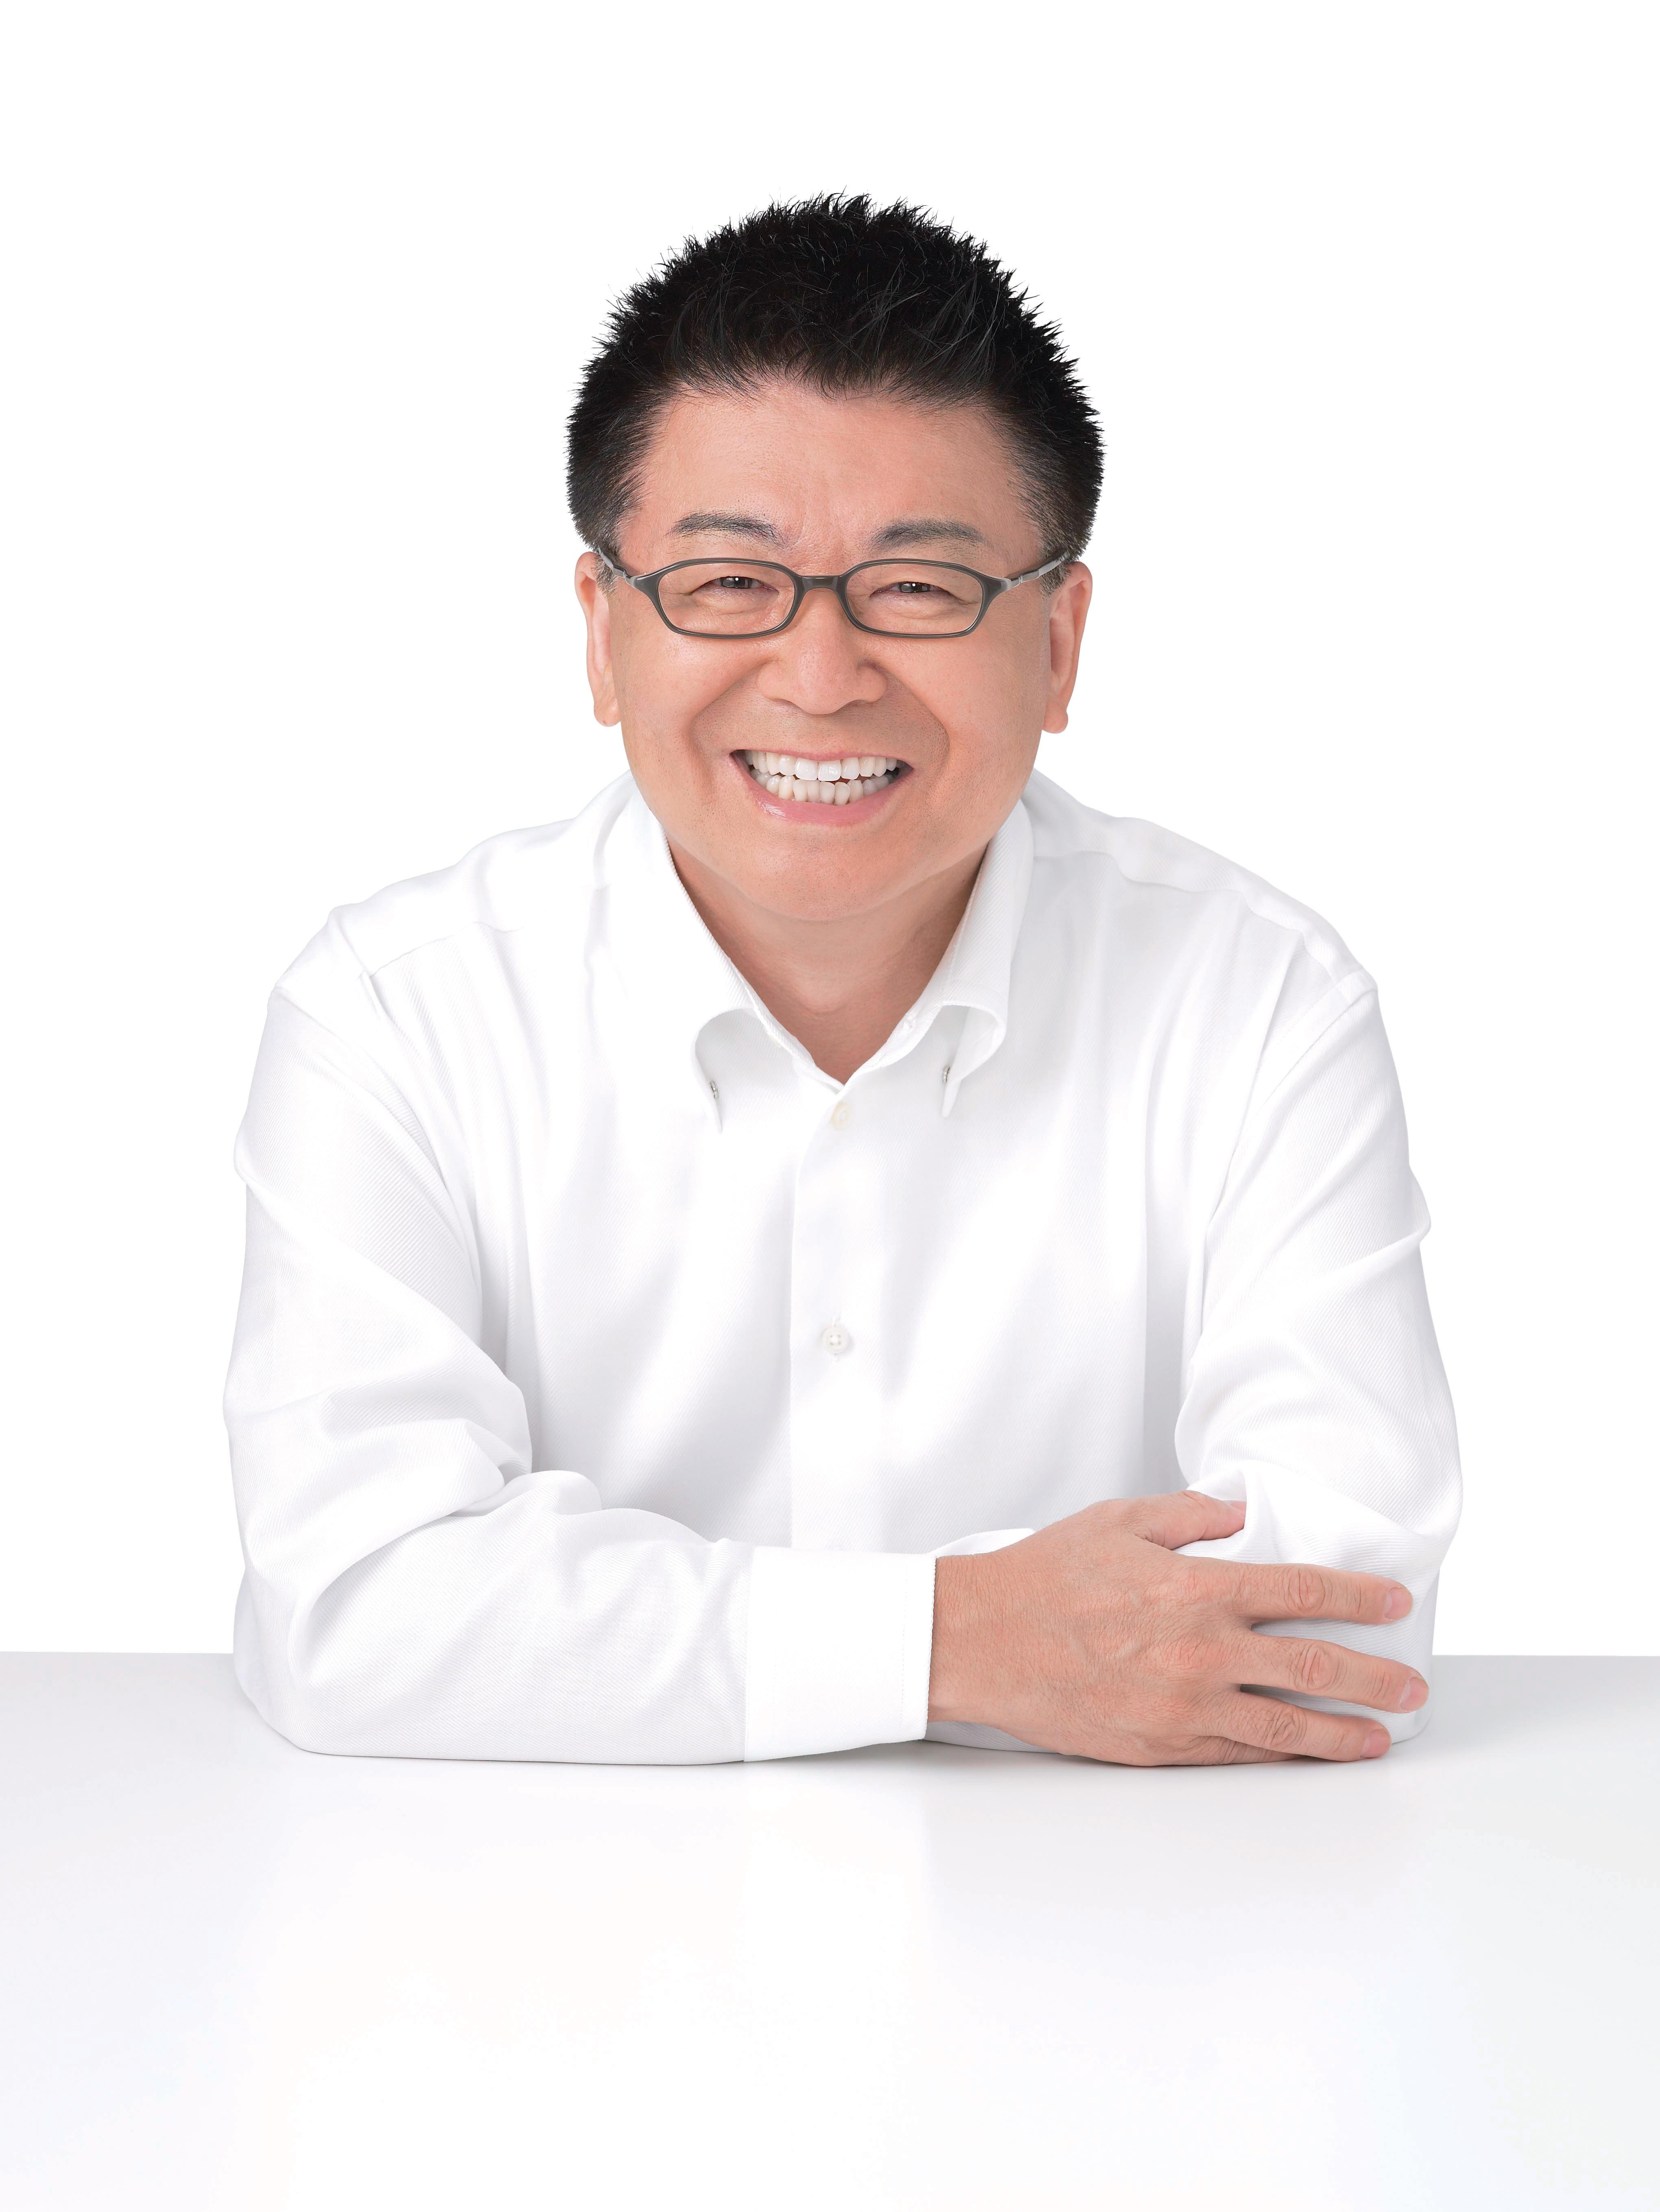 ラジフェス2017 生島ヒロシ On Stage!with 大沢悠里